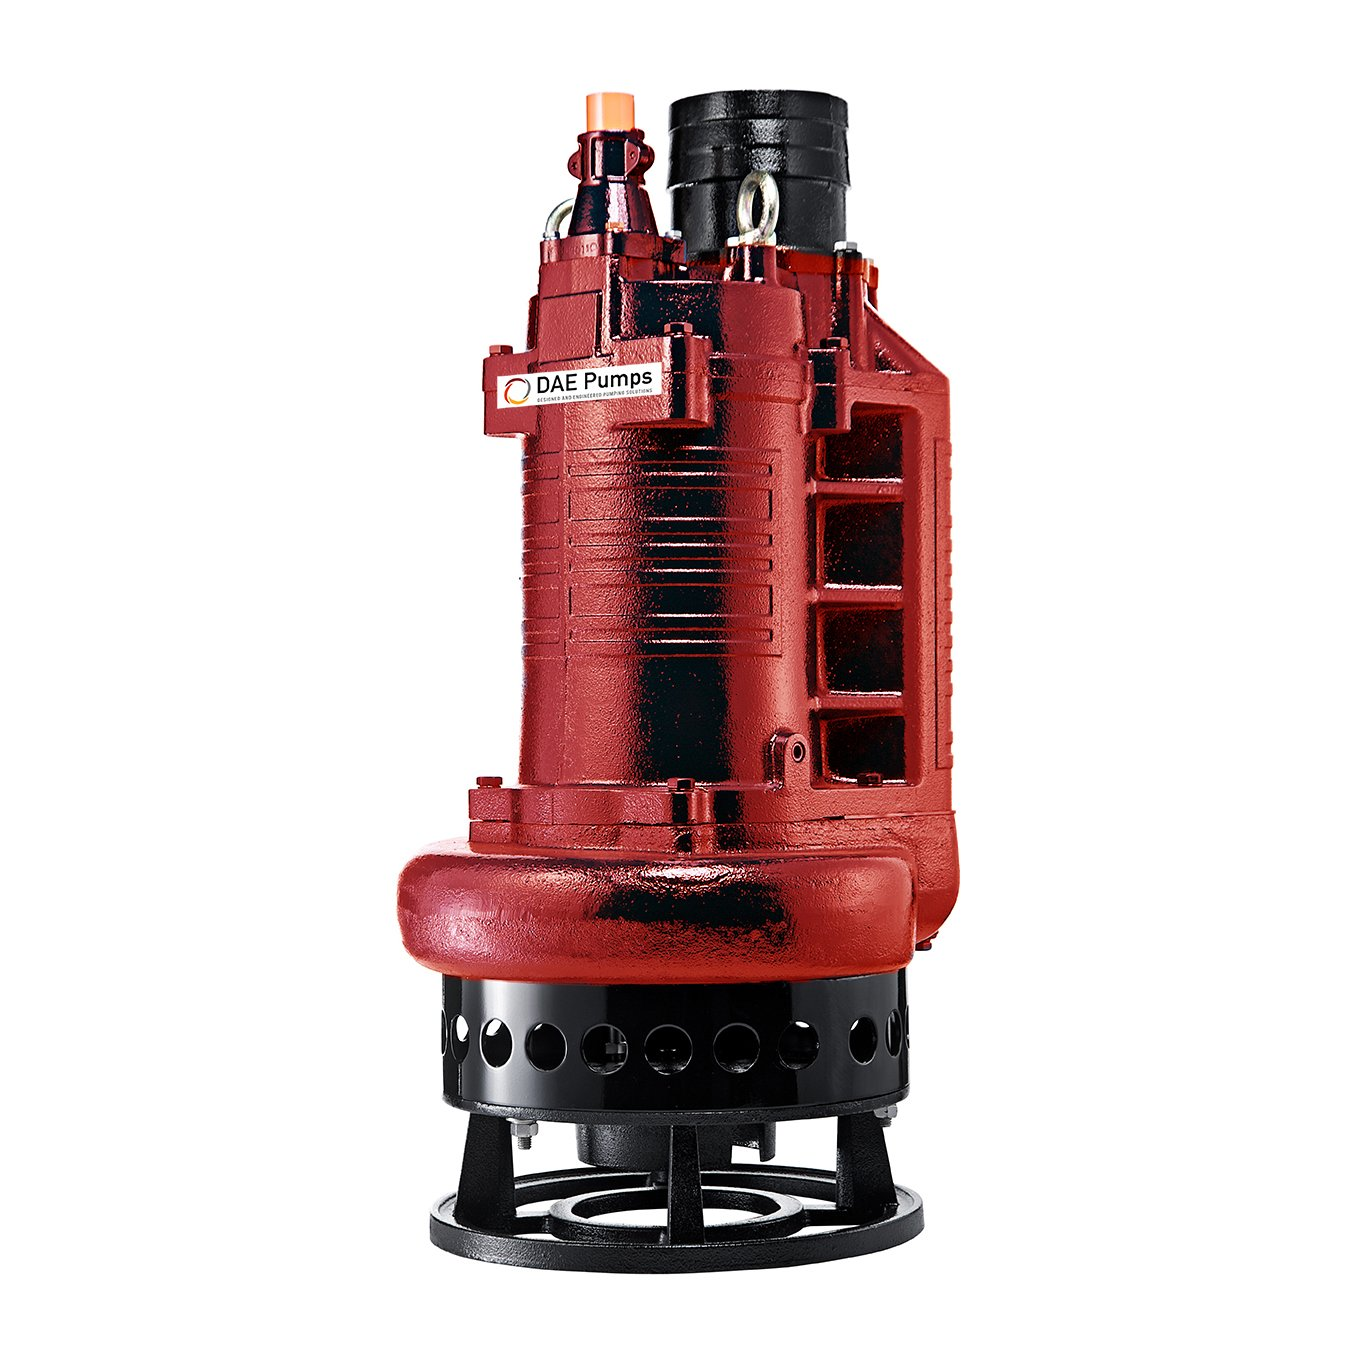 DAE Pumps 6110-P Submersible Slurry Pump